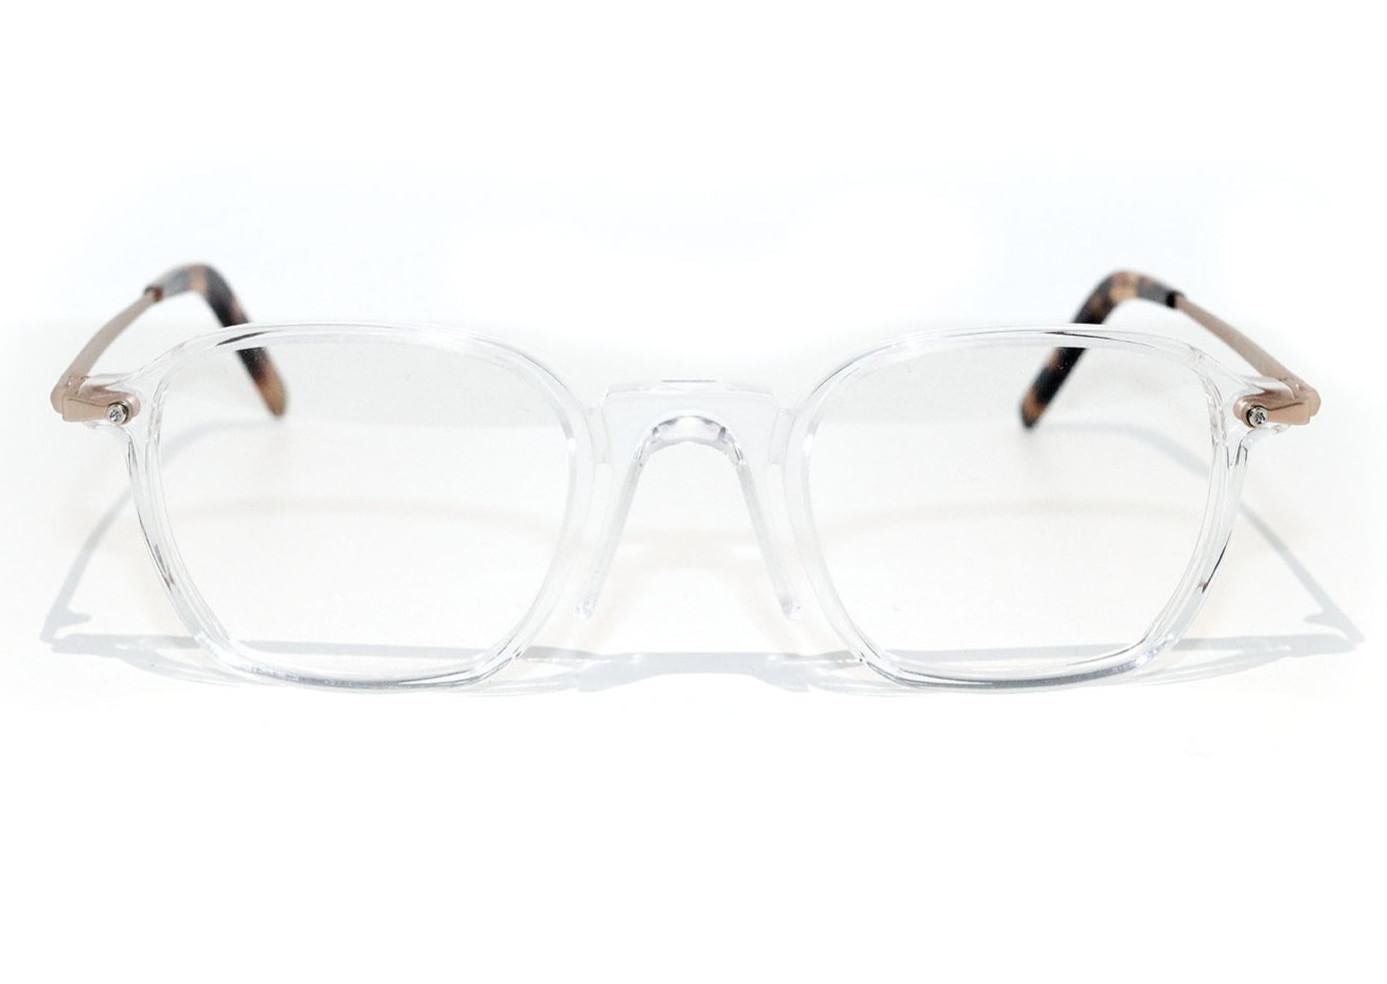 kleys-lunettes-francaises-JP-cristal-fac